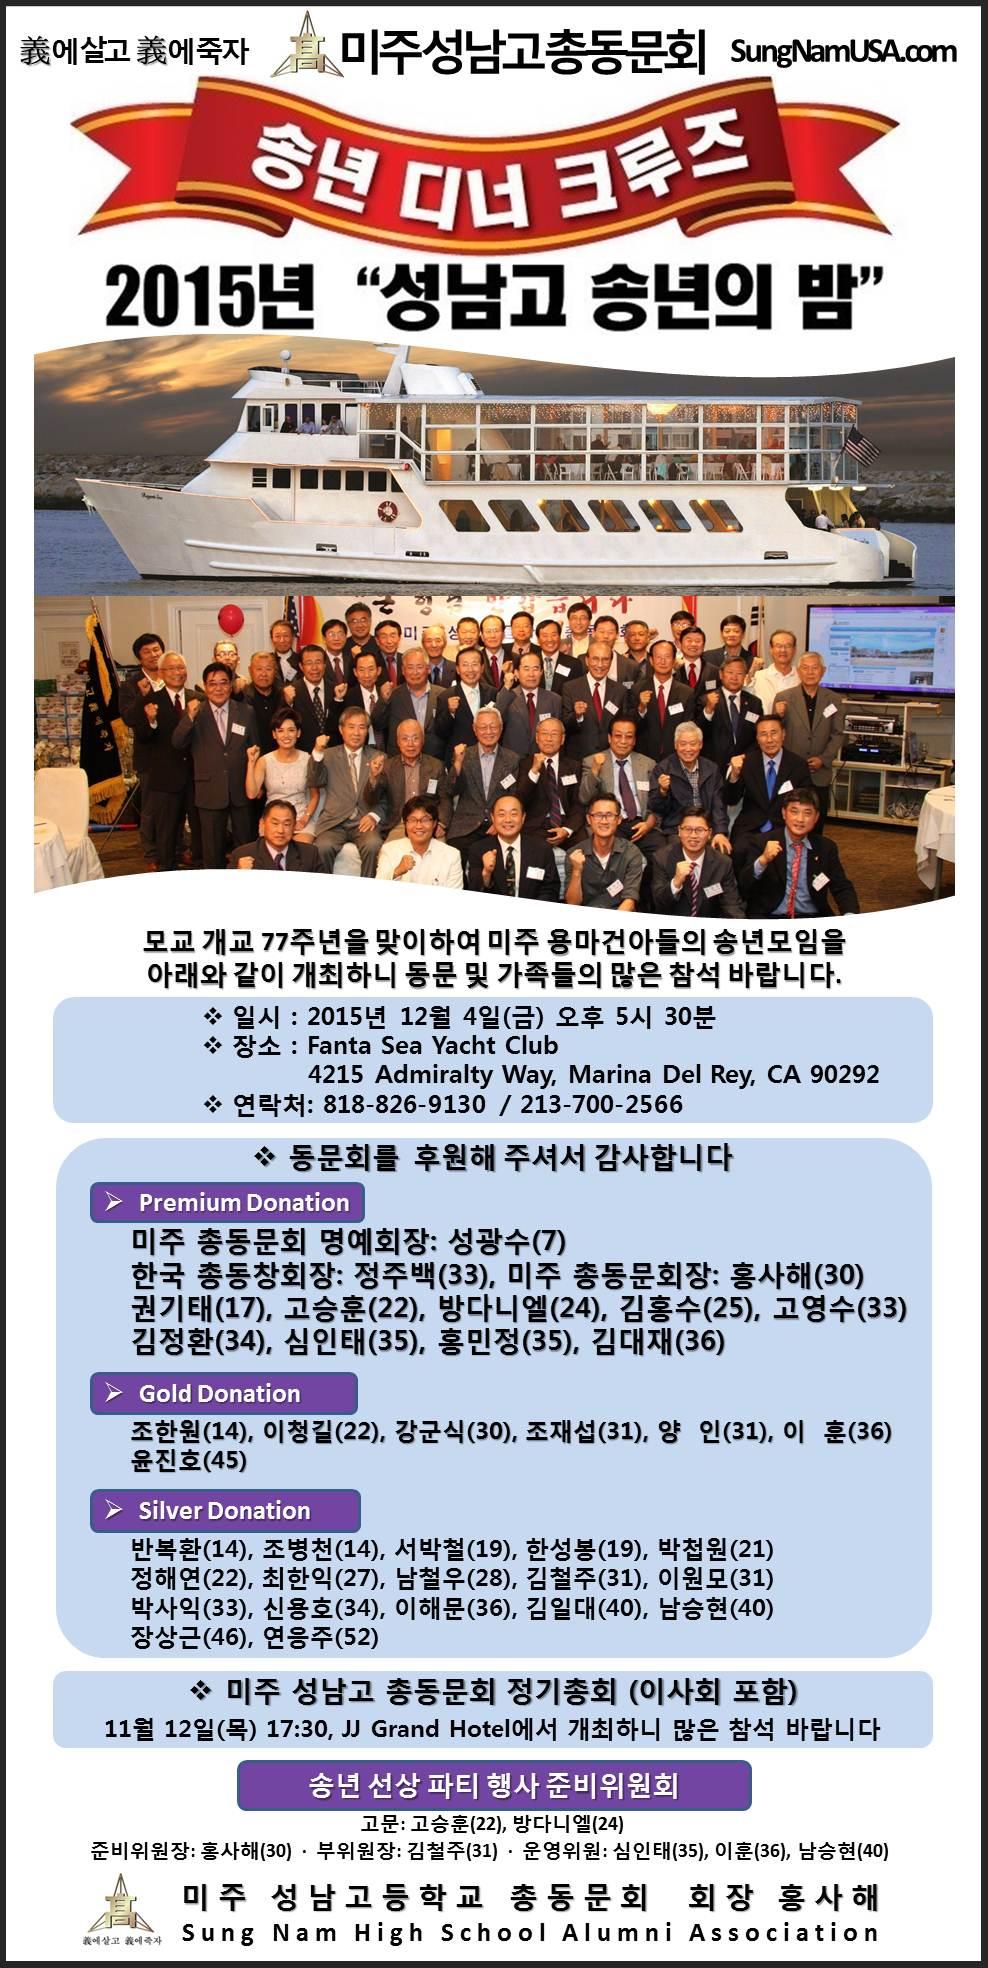 3차-한국일보-디자인 10.3 x 20.5 inch-11092015-최종명단-1.jpg